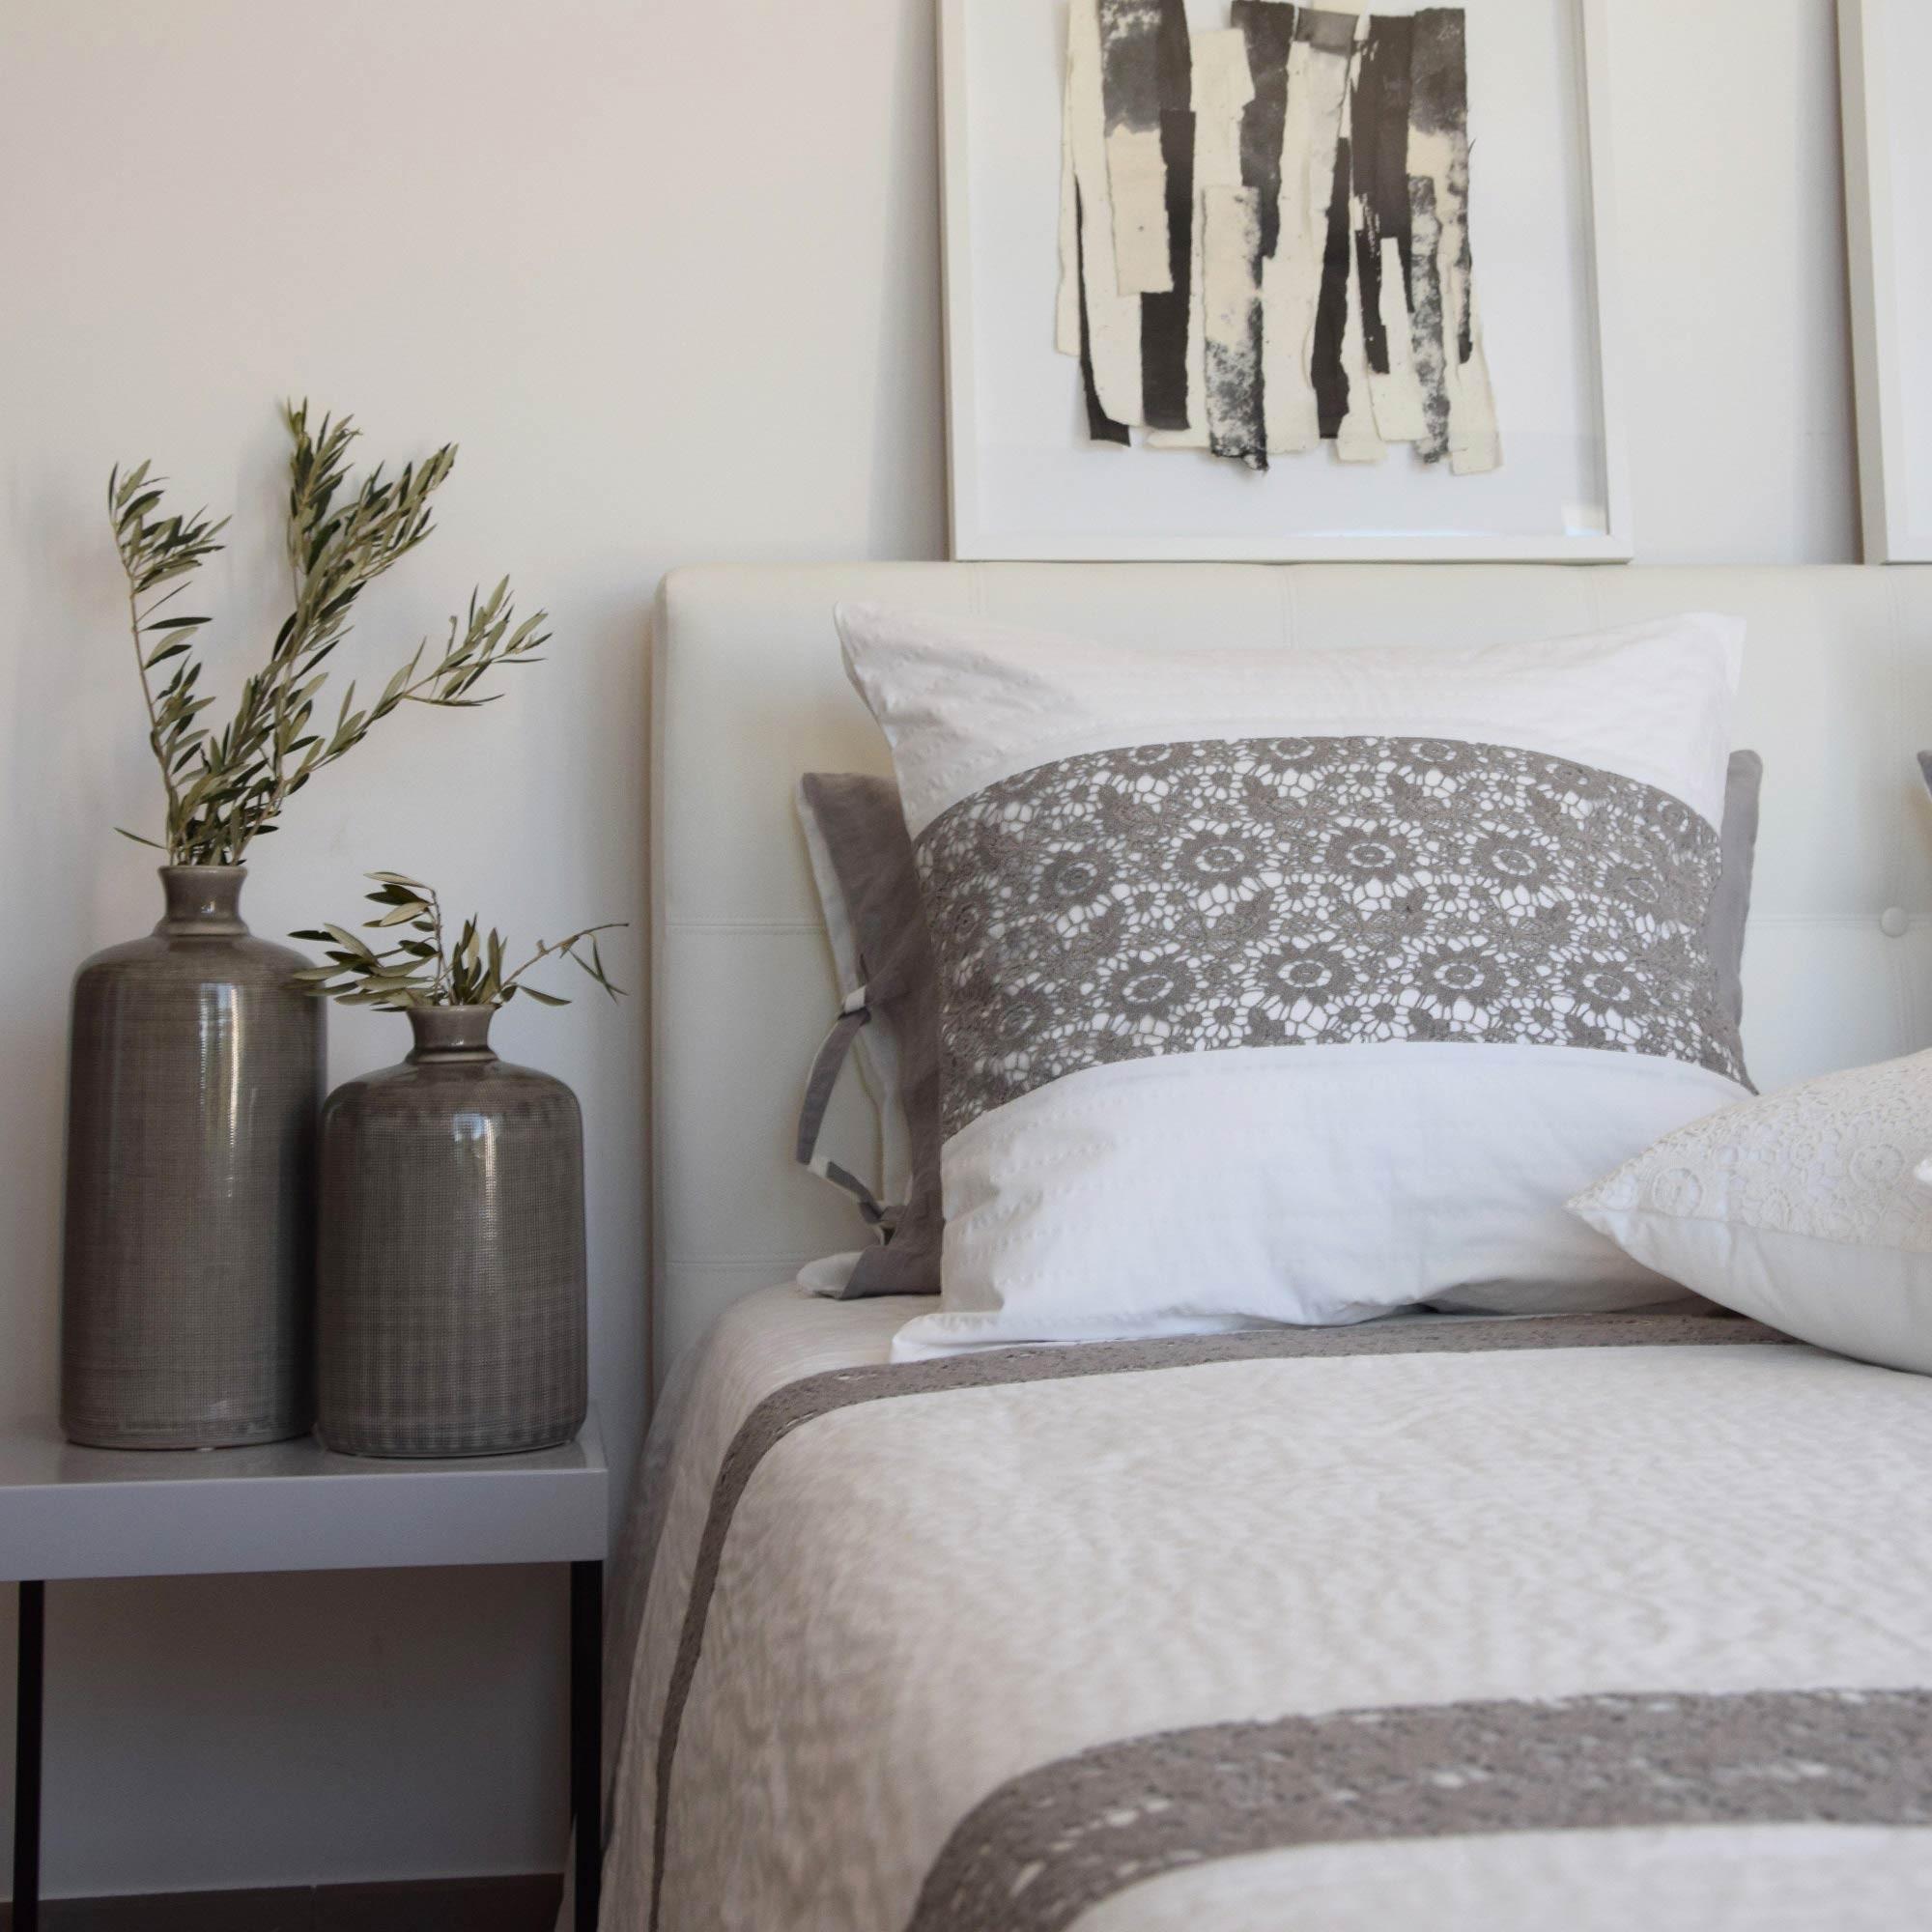 couvre lit avec dentelle Dessus de lit nantes coton blanc et dentelle grise   Maison d'été couvre lit avec dentelle